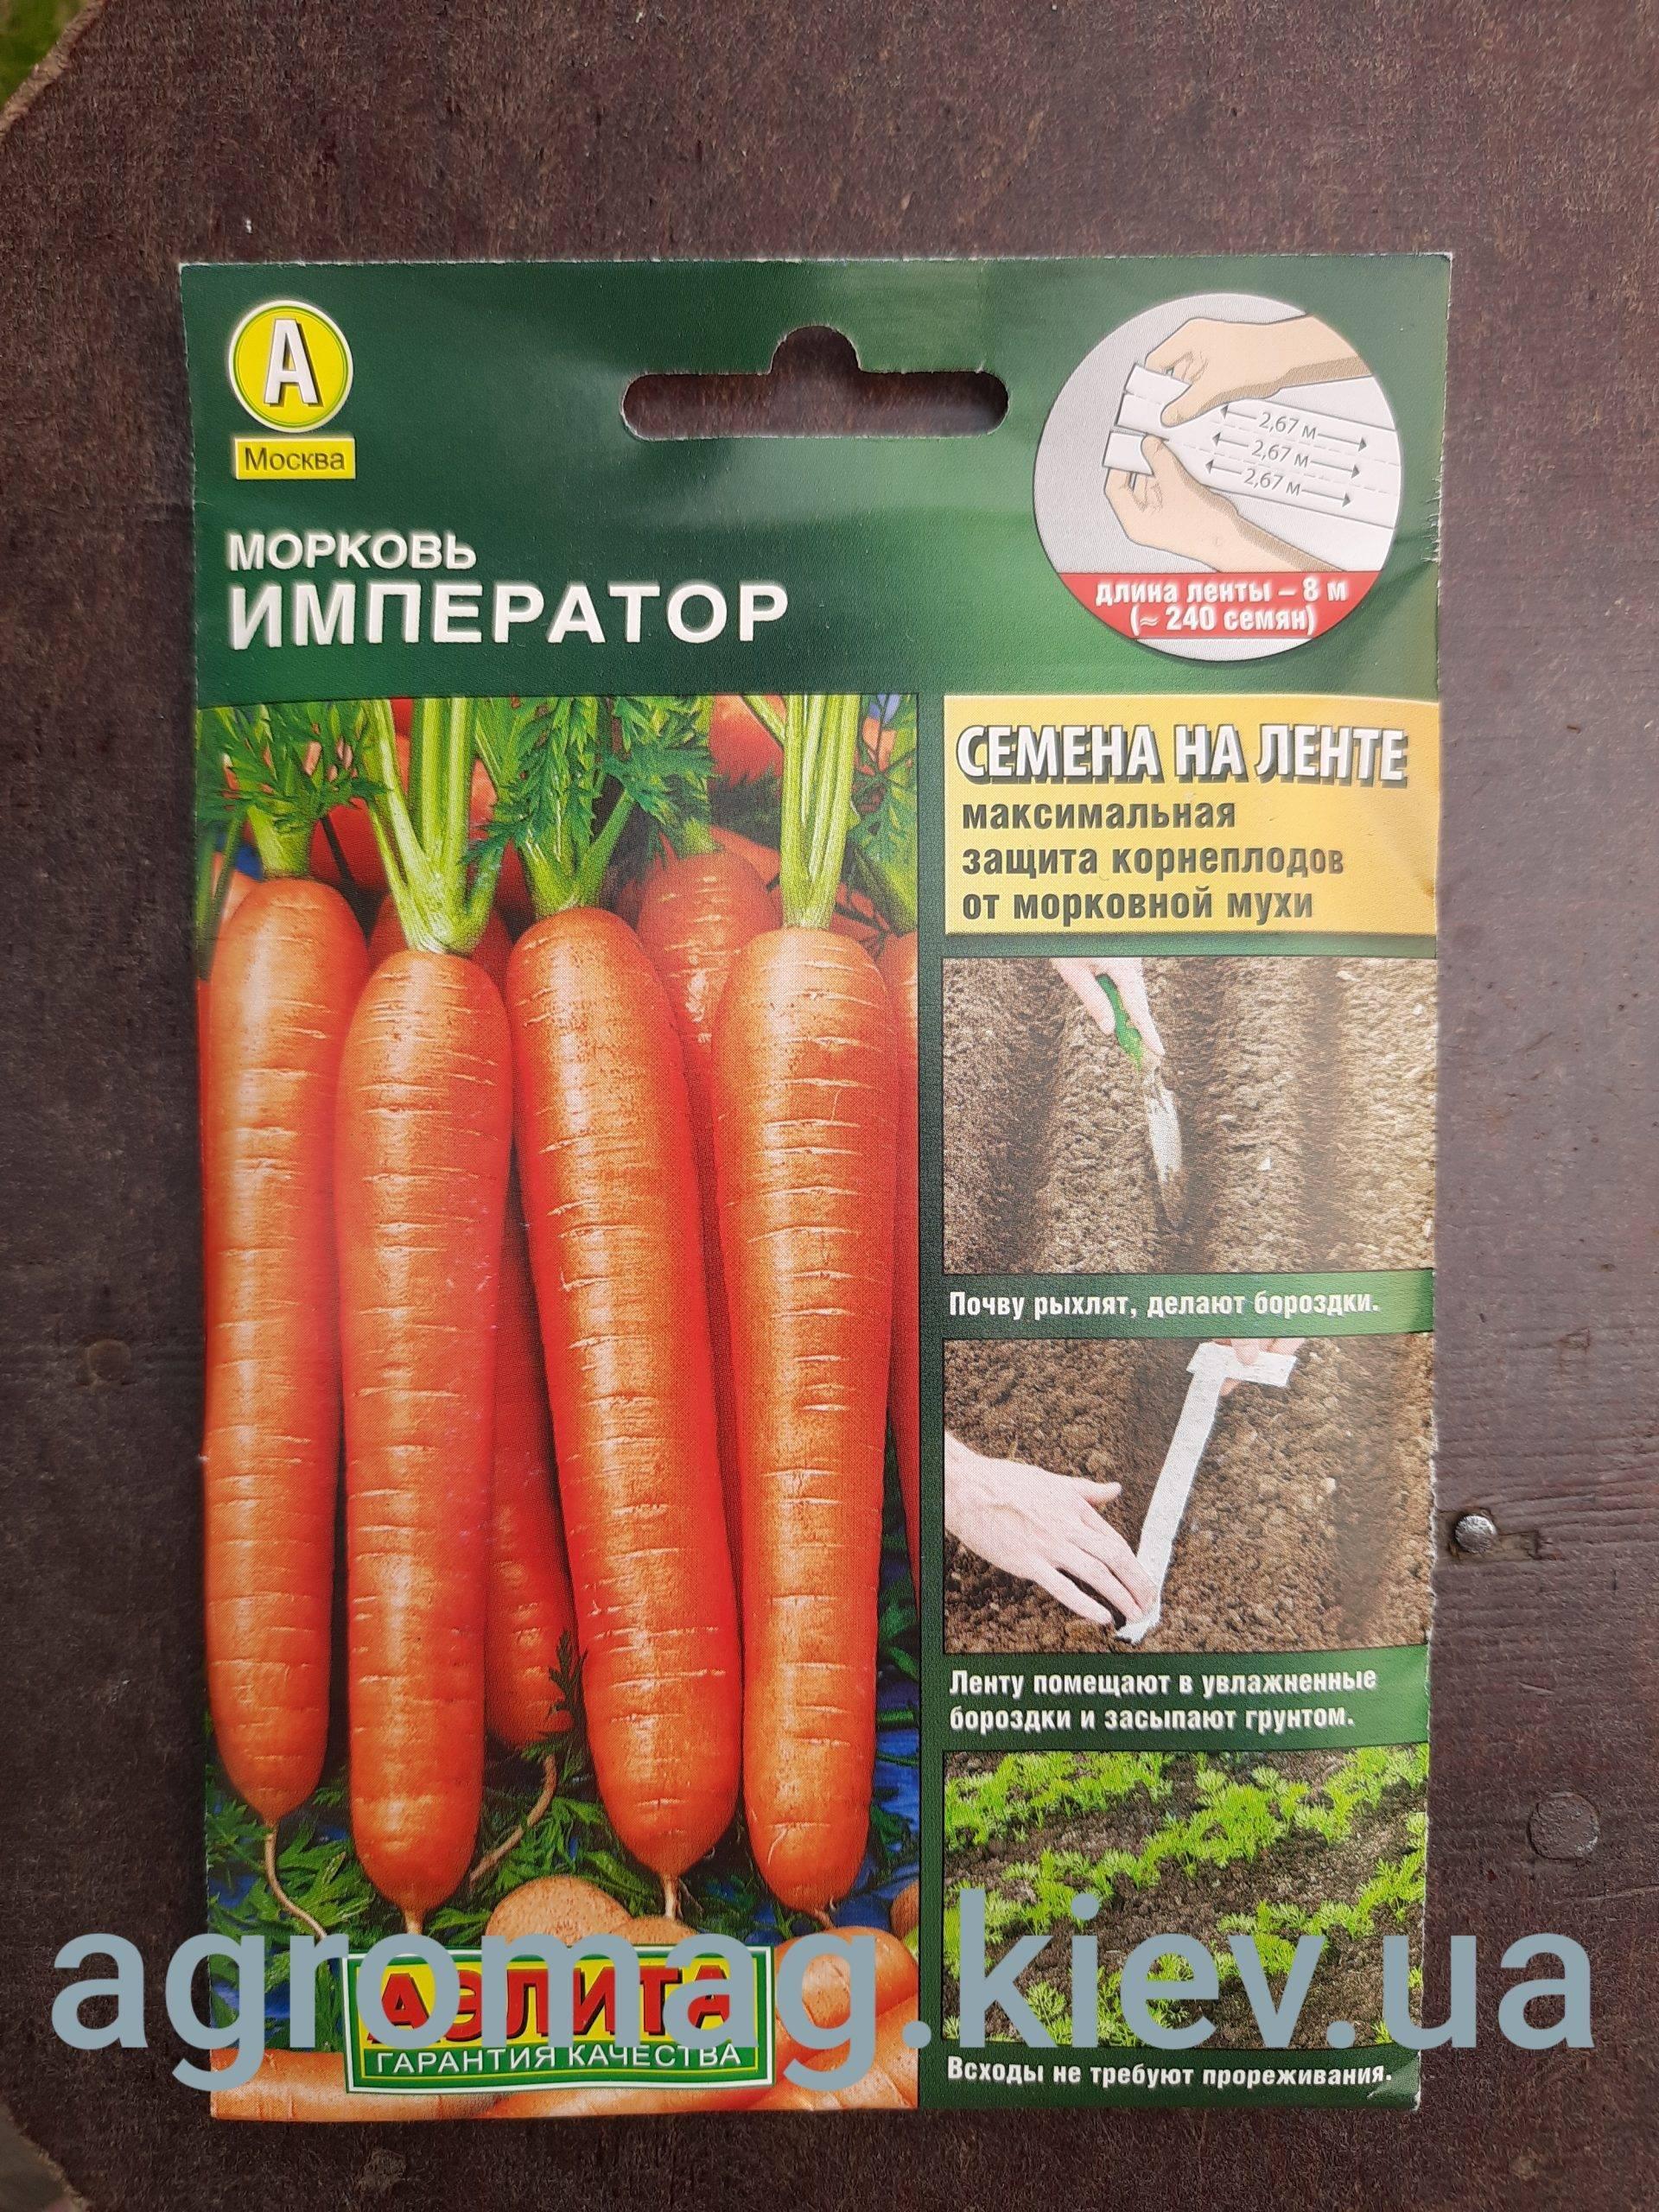 Морковь сорта император: характеристика и особенности выращивания